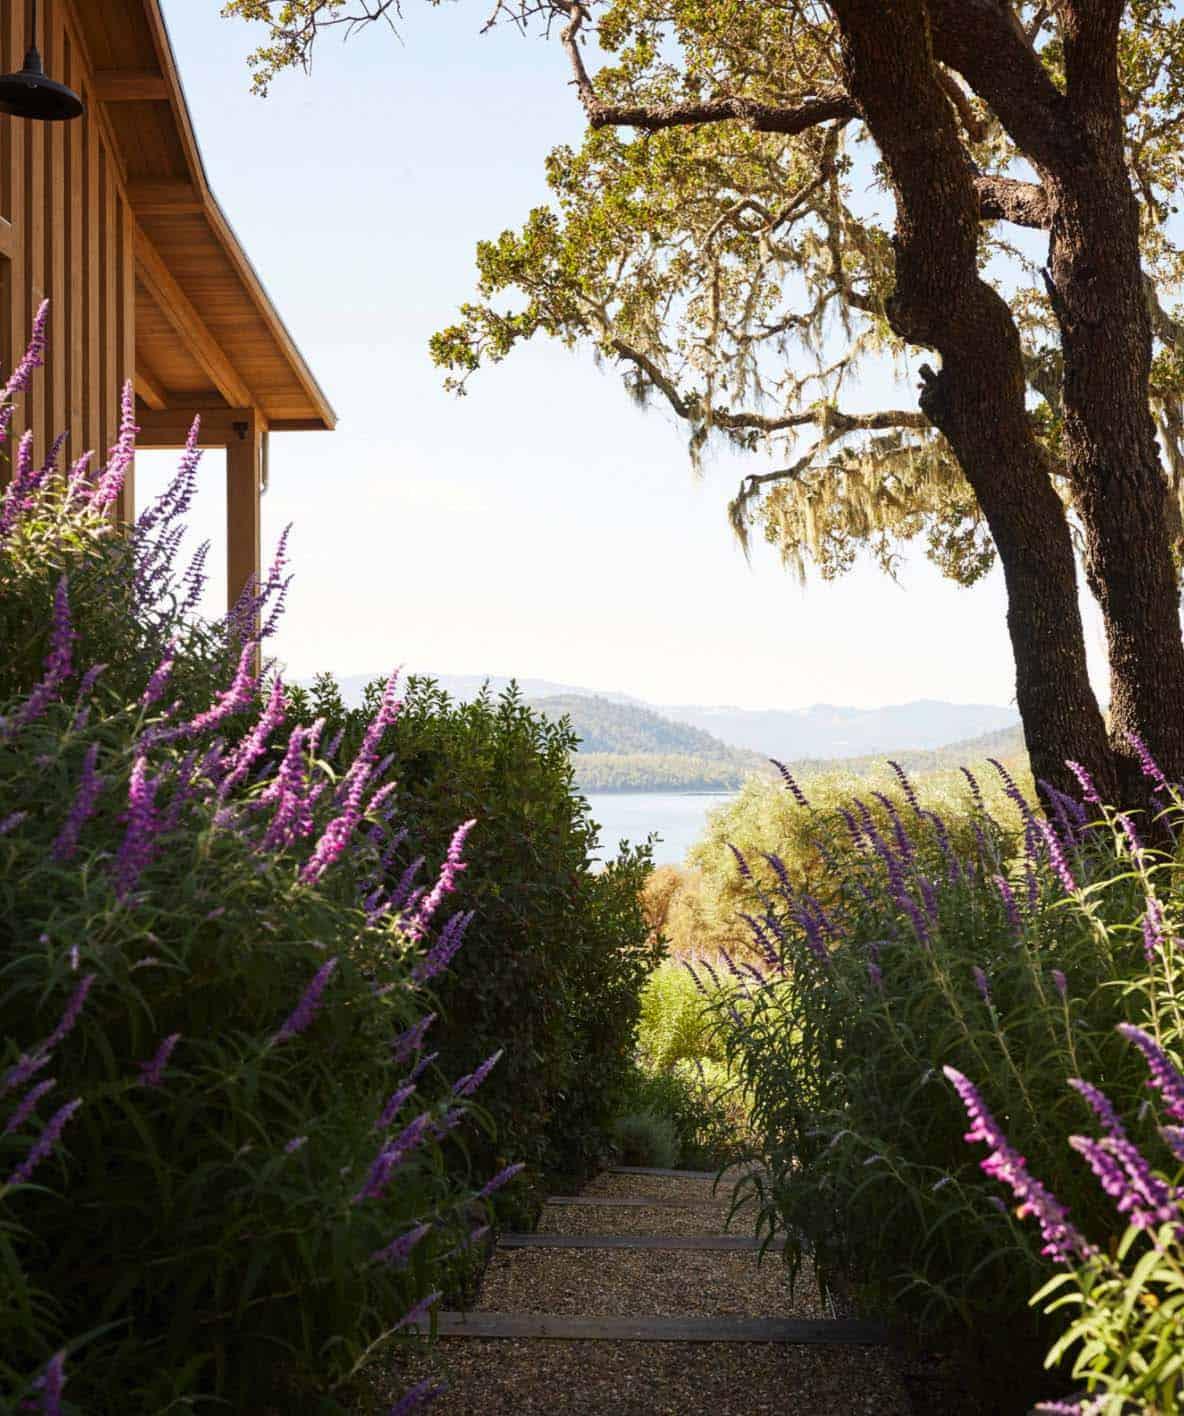 Hilltop Guesthouse Sanctuary-Julie Hawkins Design-12-1 Kindesign